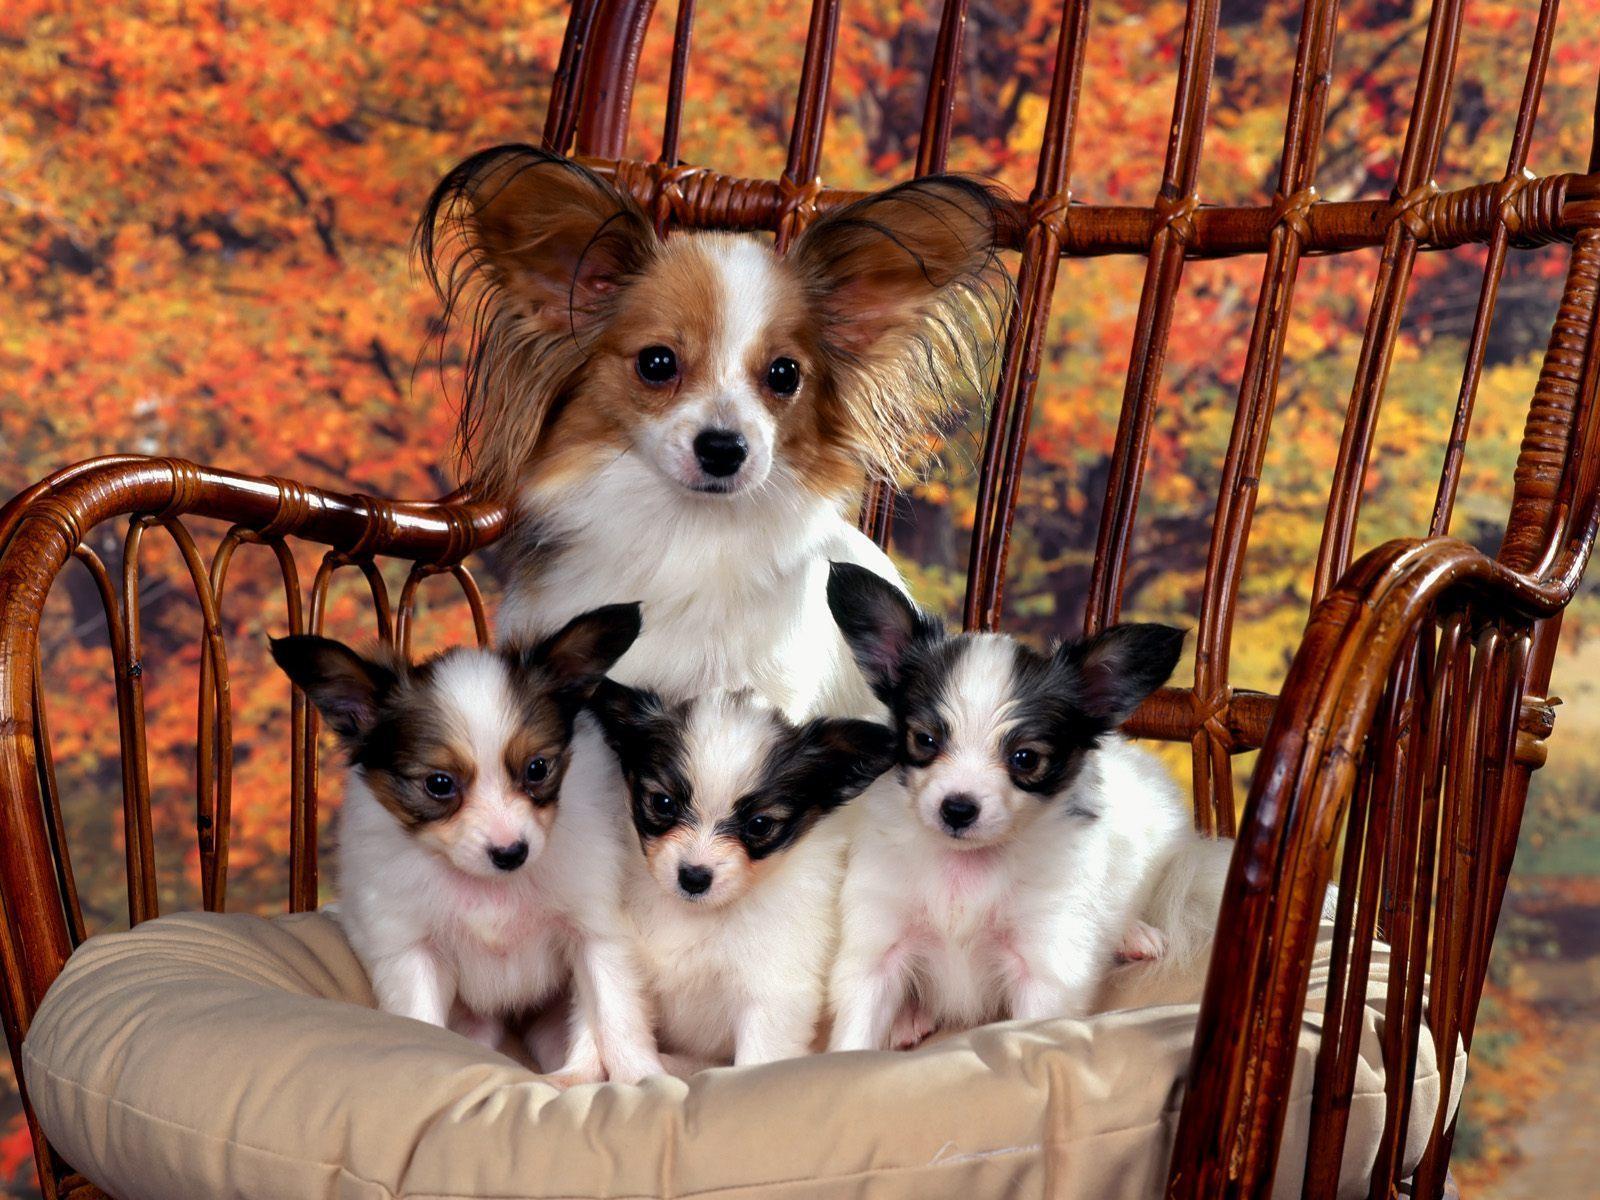 chihuahua & puppies